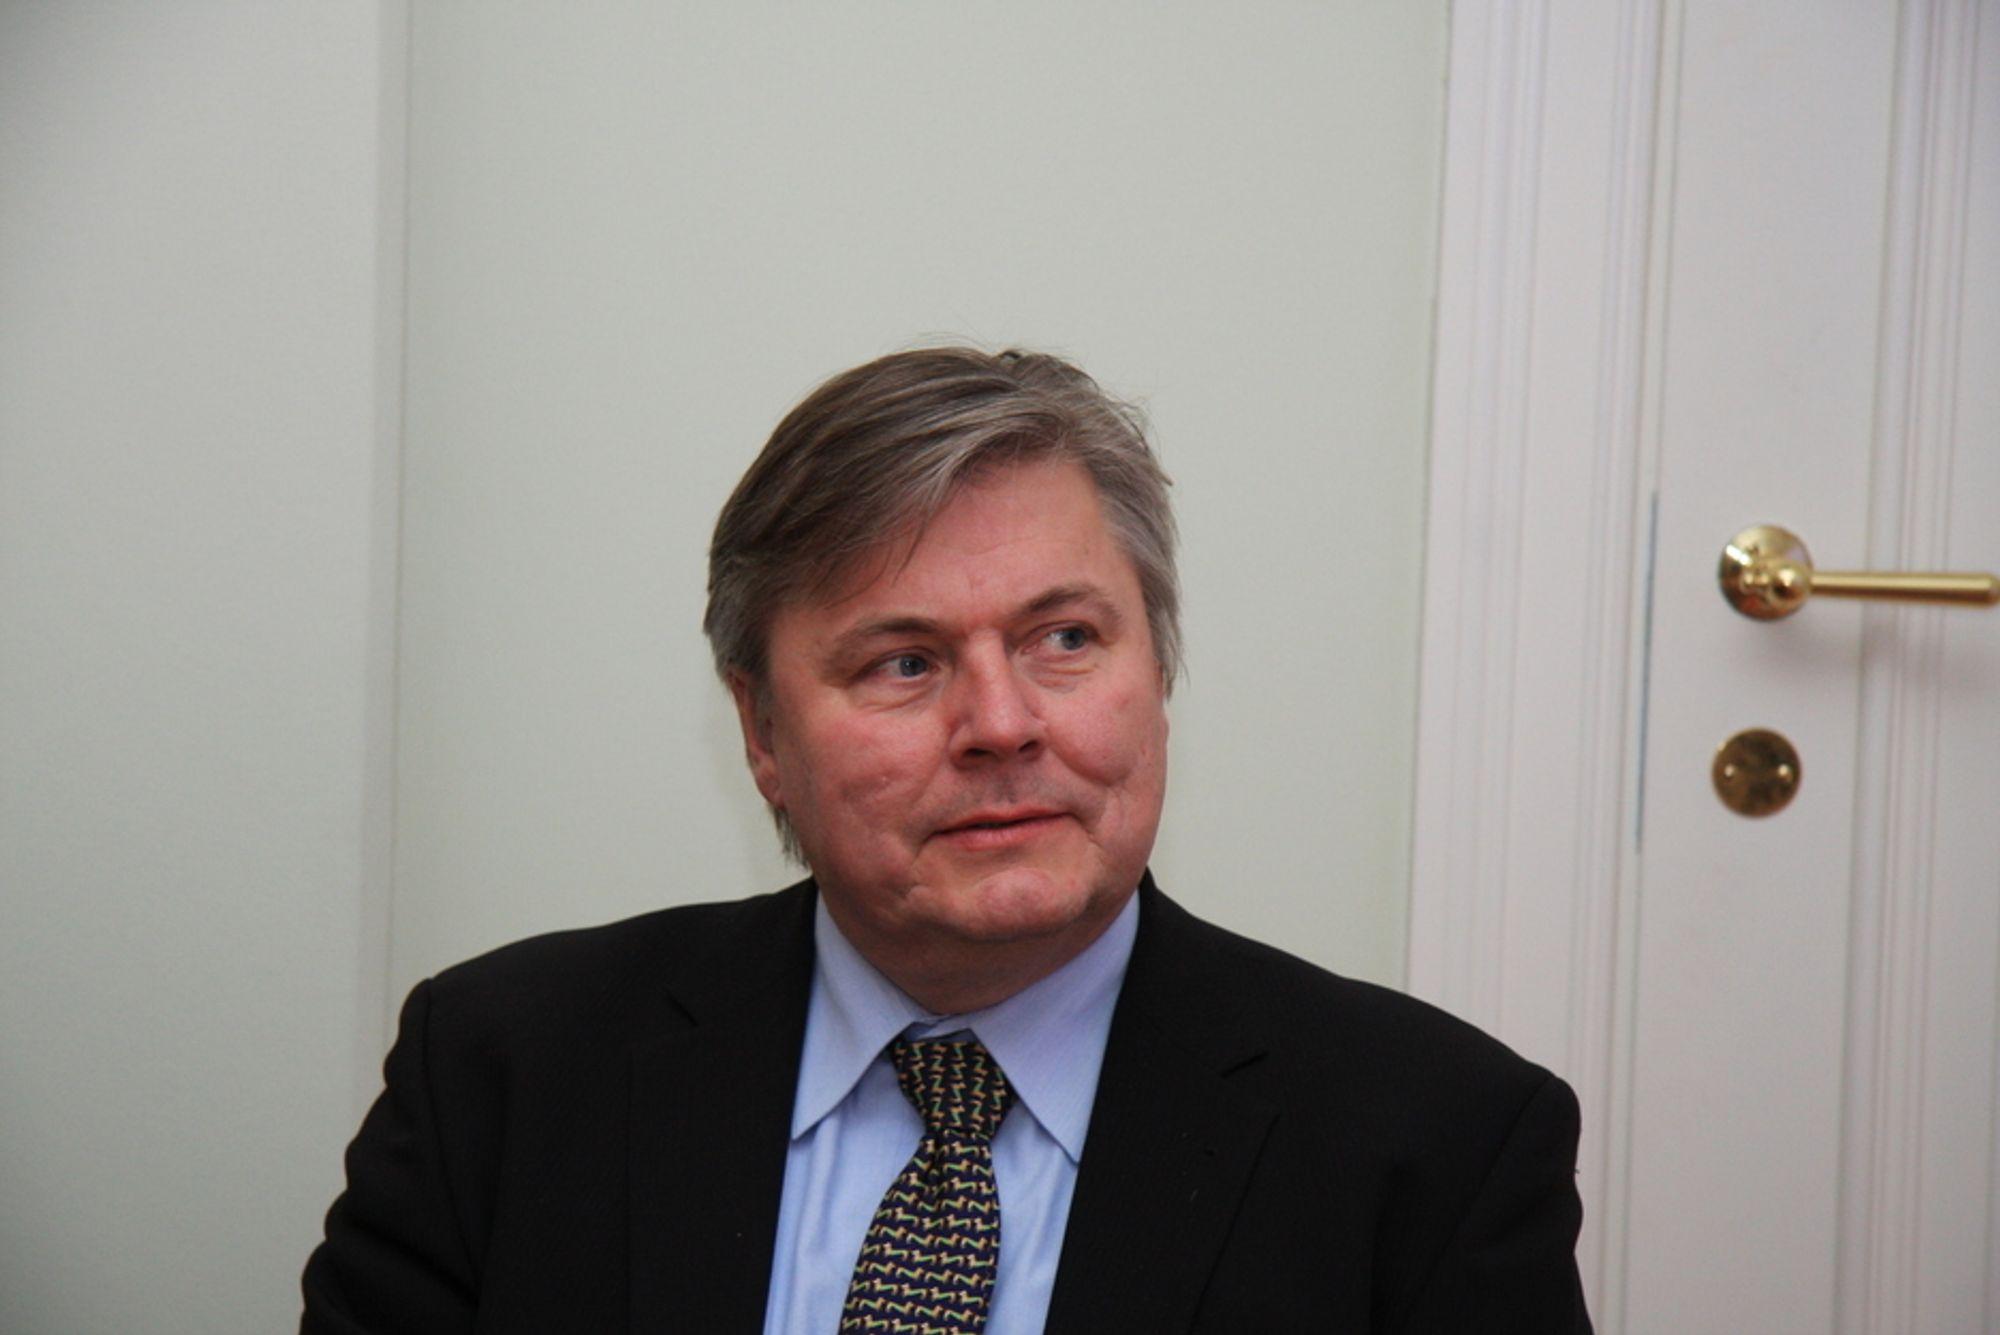 Konsernsjef Henrik O. Madsen i Det Norske Veritas. 9. mars 2009.